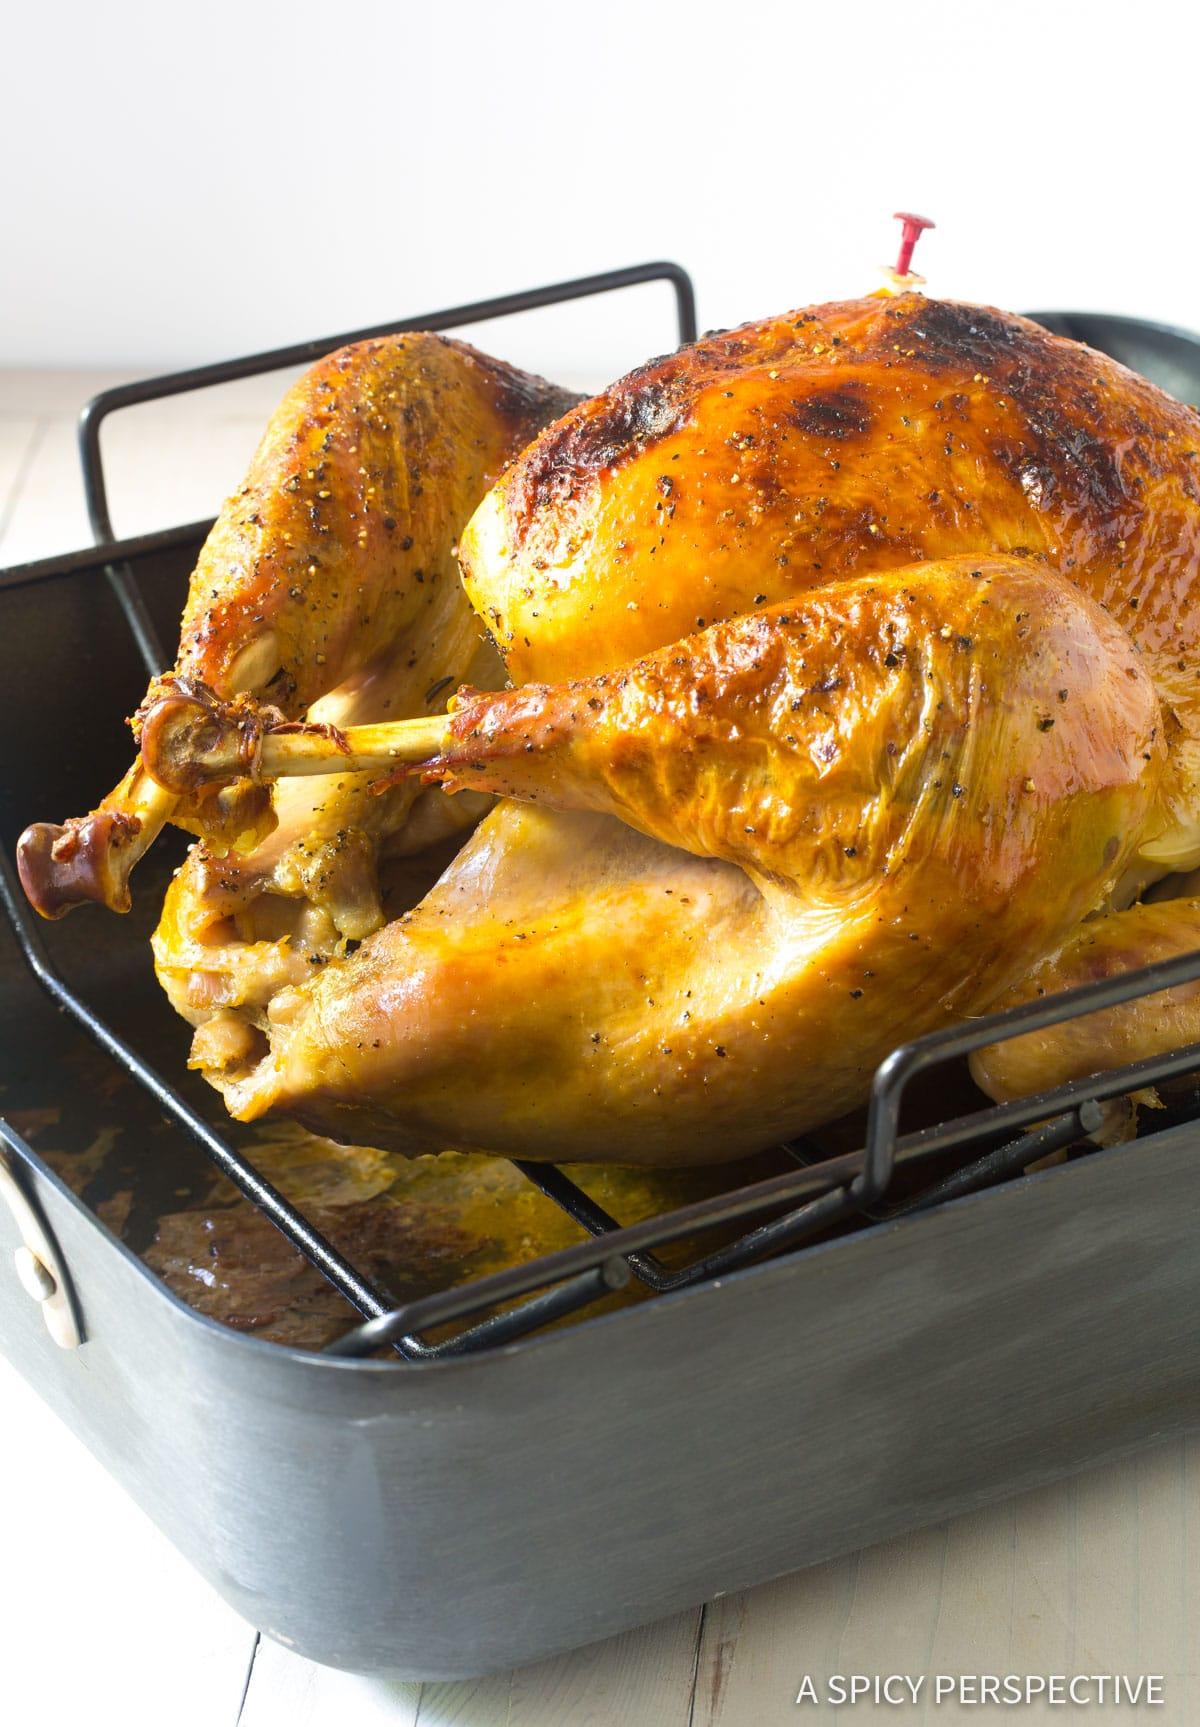 Best Ever Turkey Brine Recipe #ASpicyPerspective